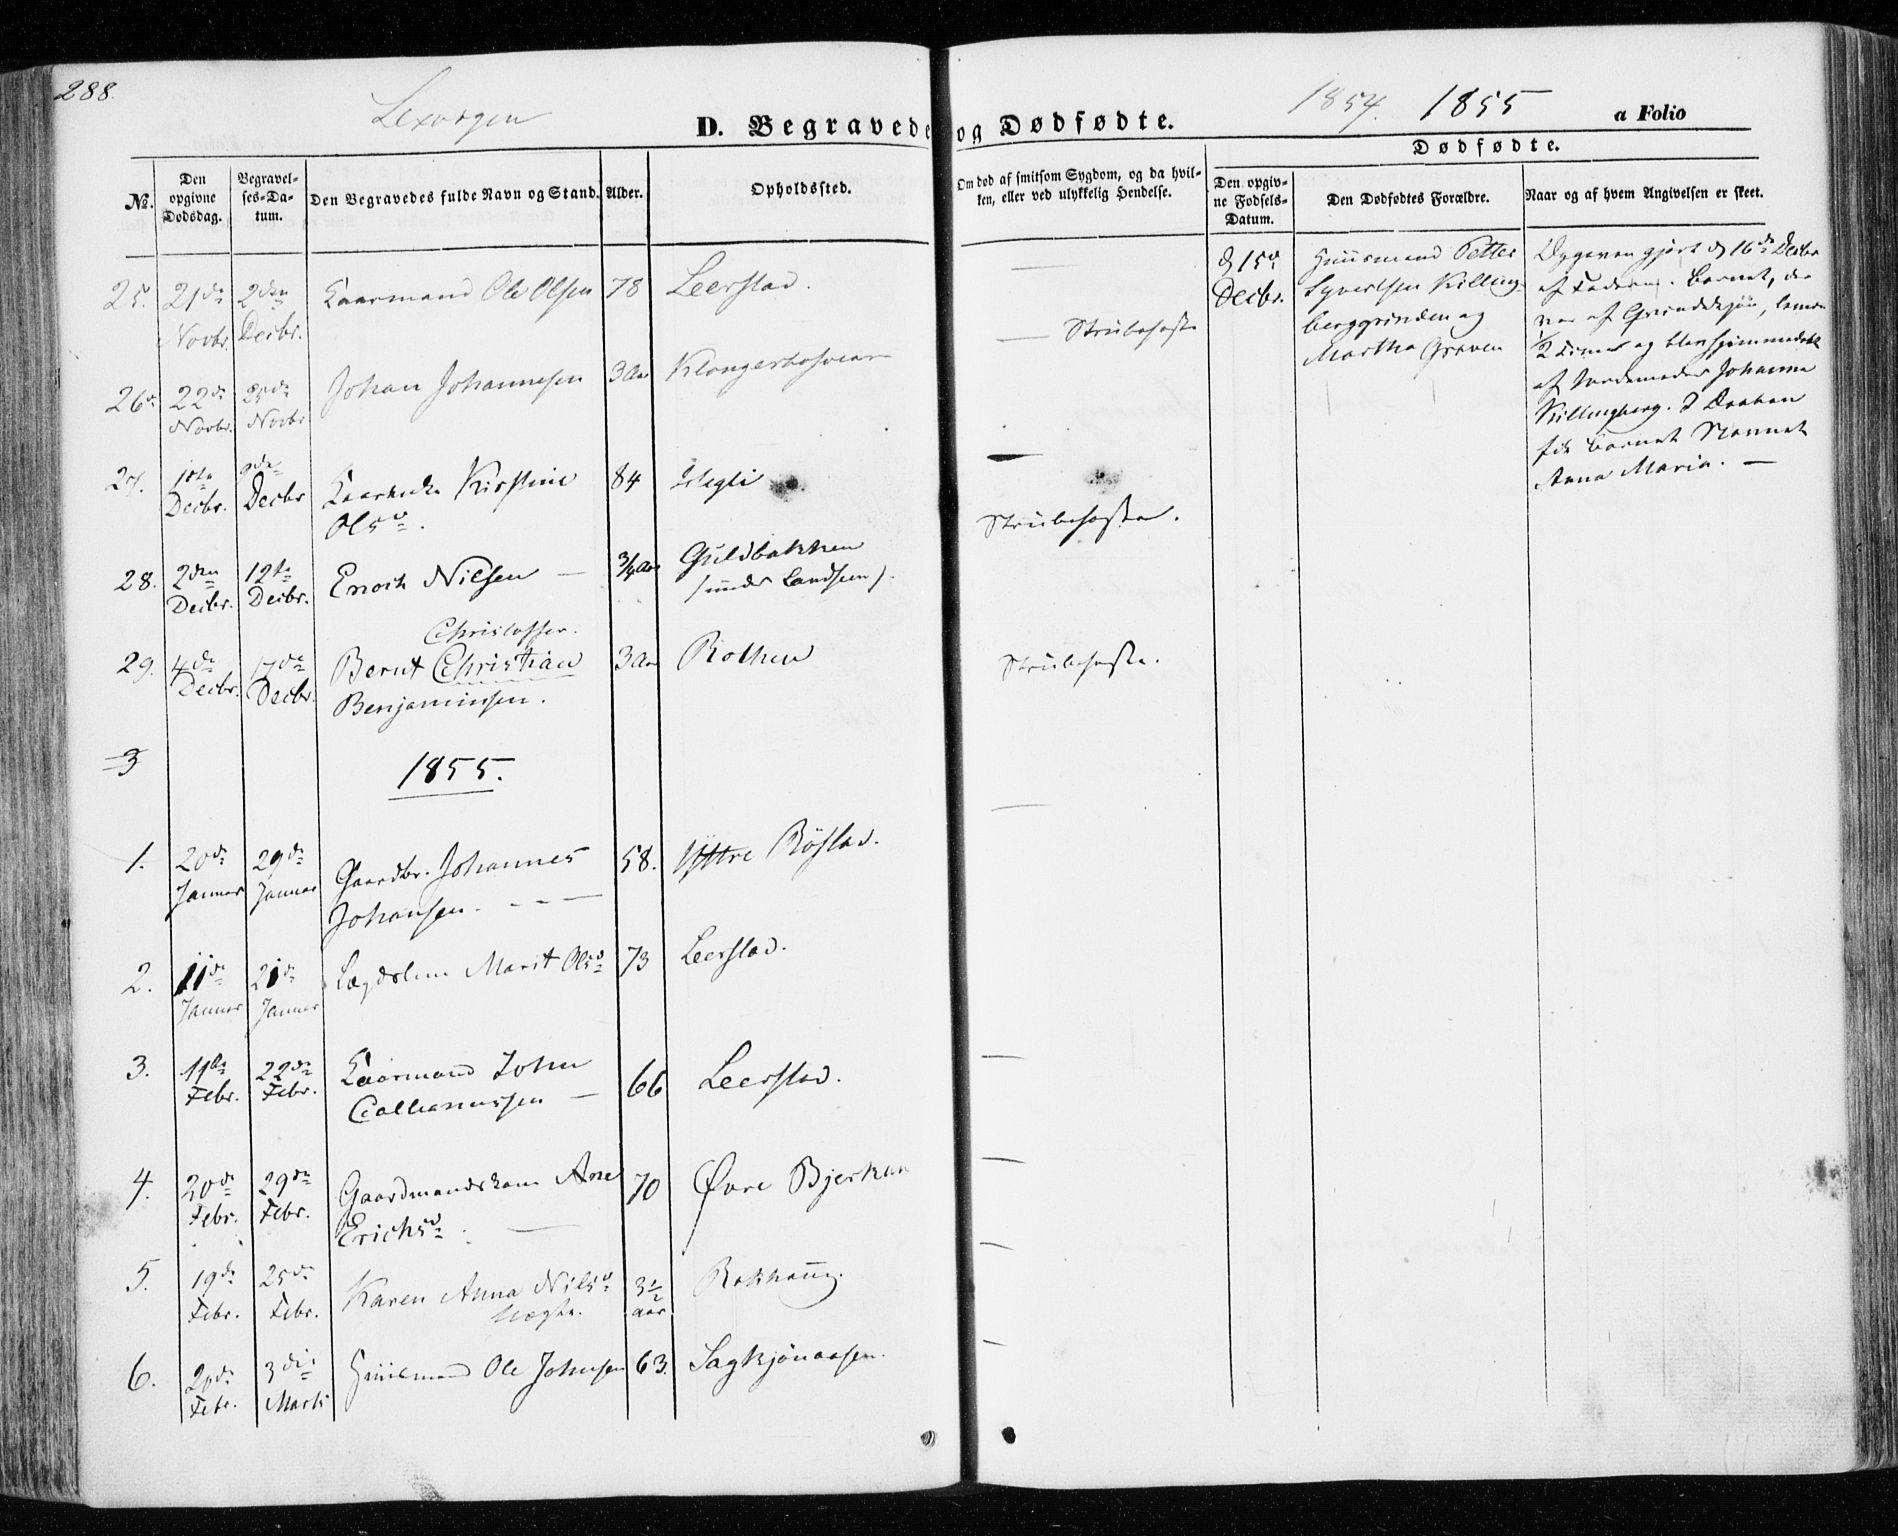 SAT, Ministerialprotokoller, klokkerbøker og fødselsregistre - Nord-Trøndelag, 701/L0008: Ministerialbok nr. 701A08 /1, 1854-1863, s. 288